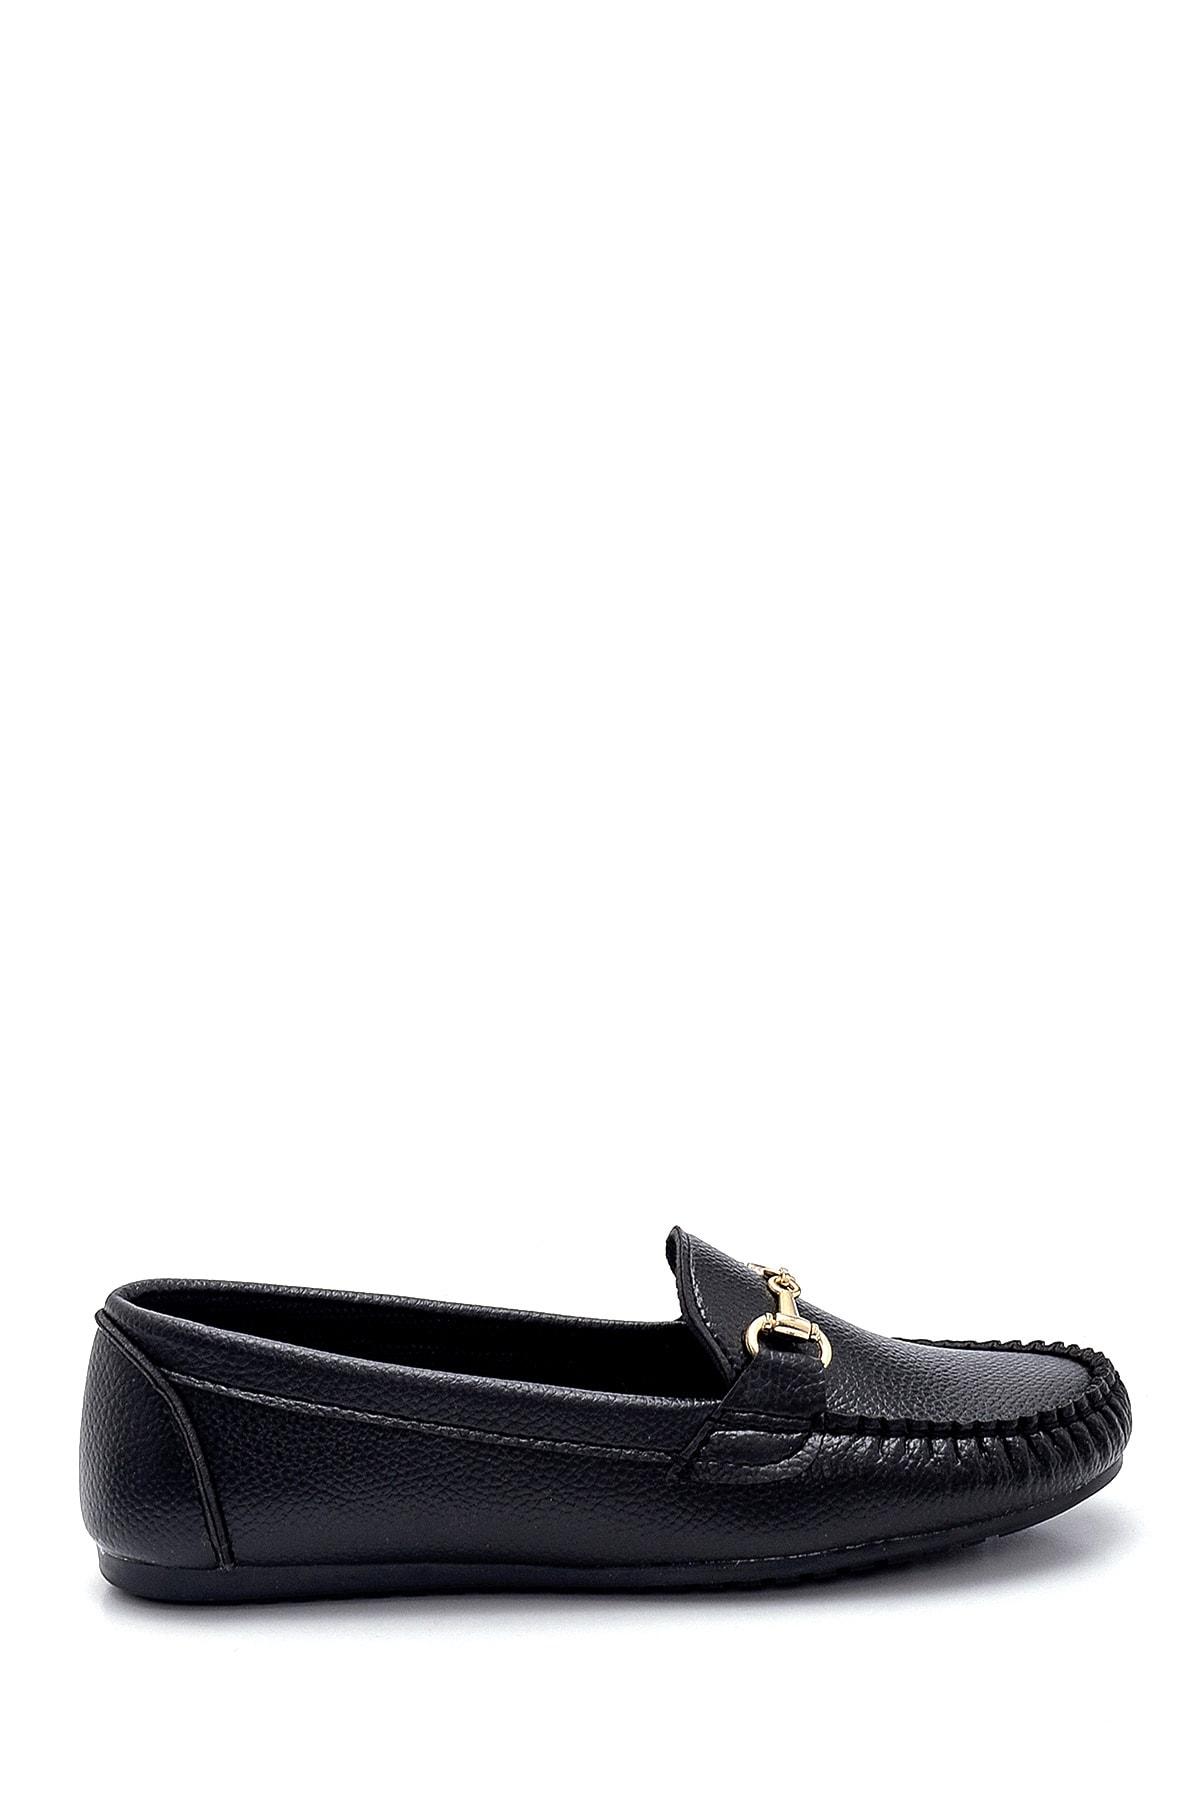 Derimod Kadın Siyah Toka Detaylı Loafer Ayakkabı 1